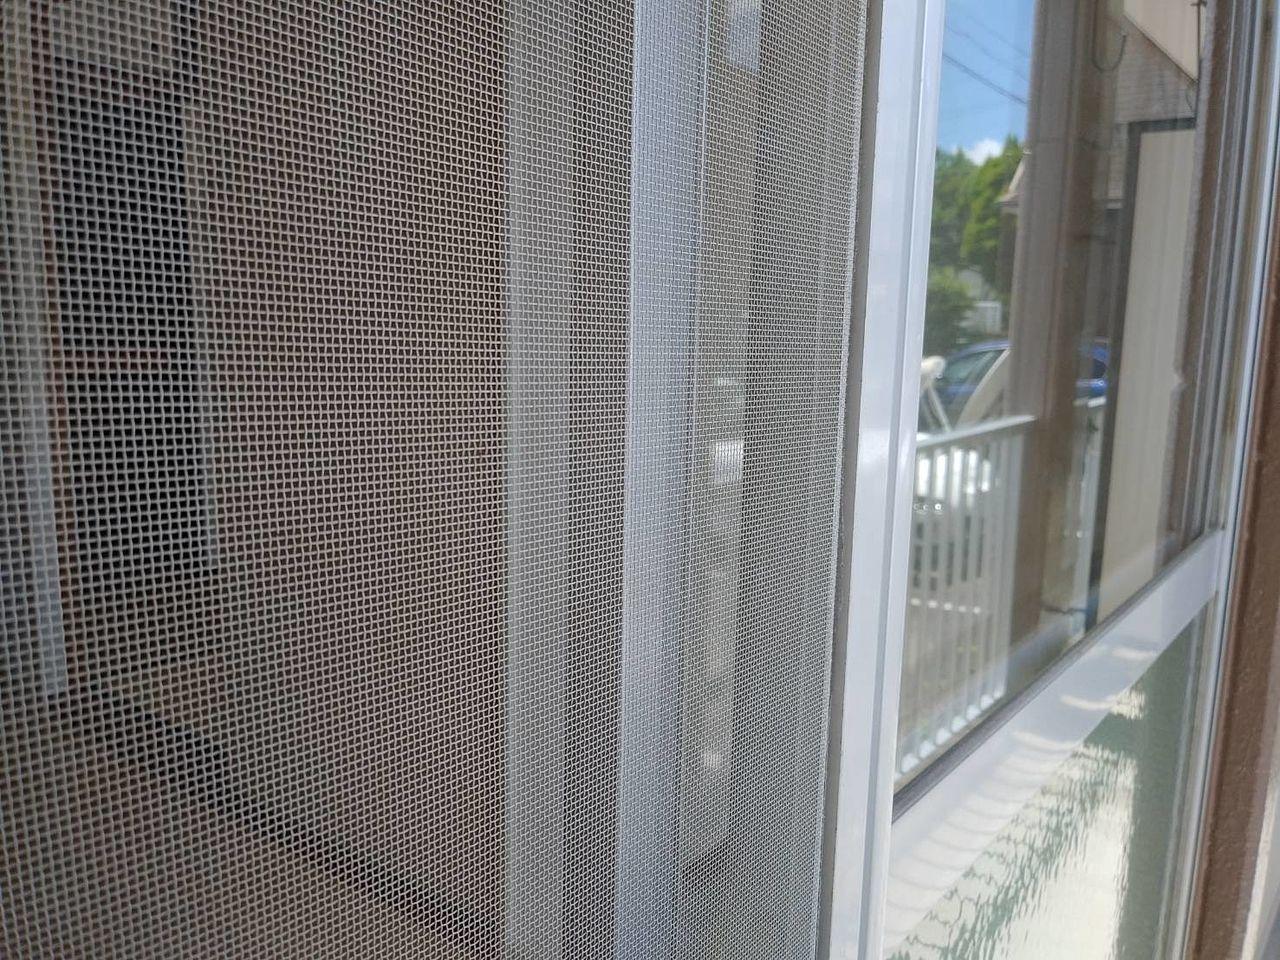 網戸枠と窓枠が重なっているかを意識して網戸を利用しましょう!